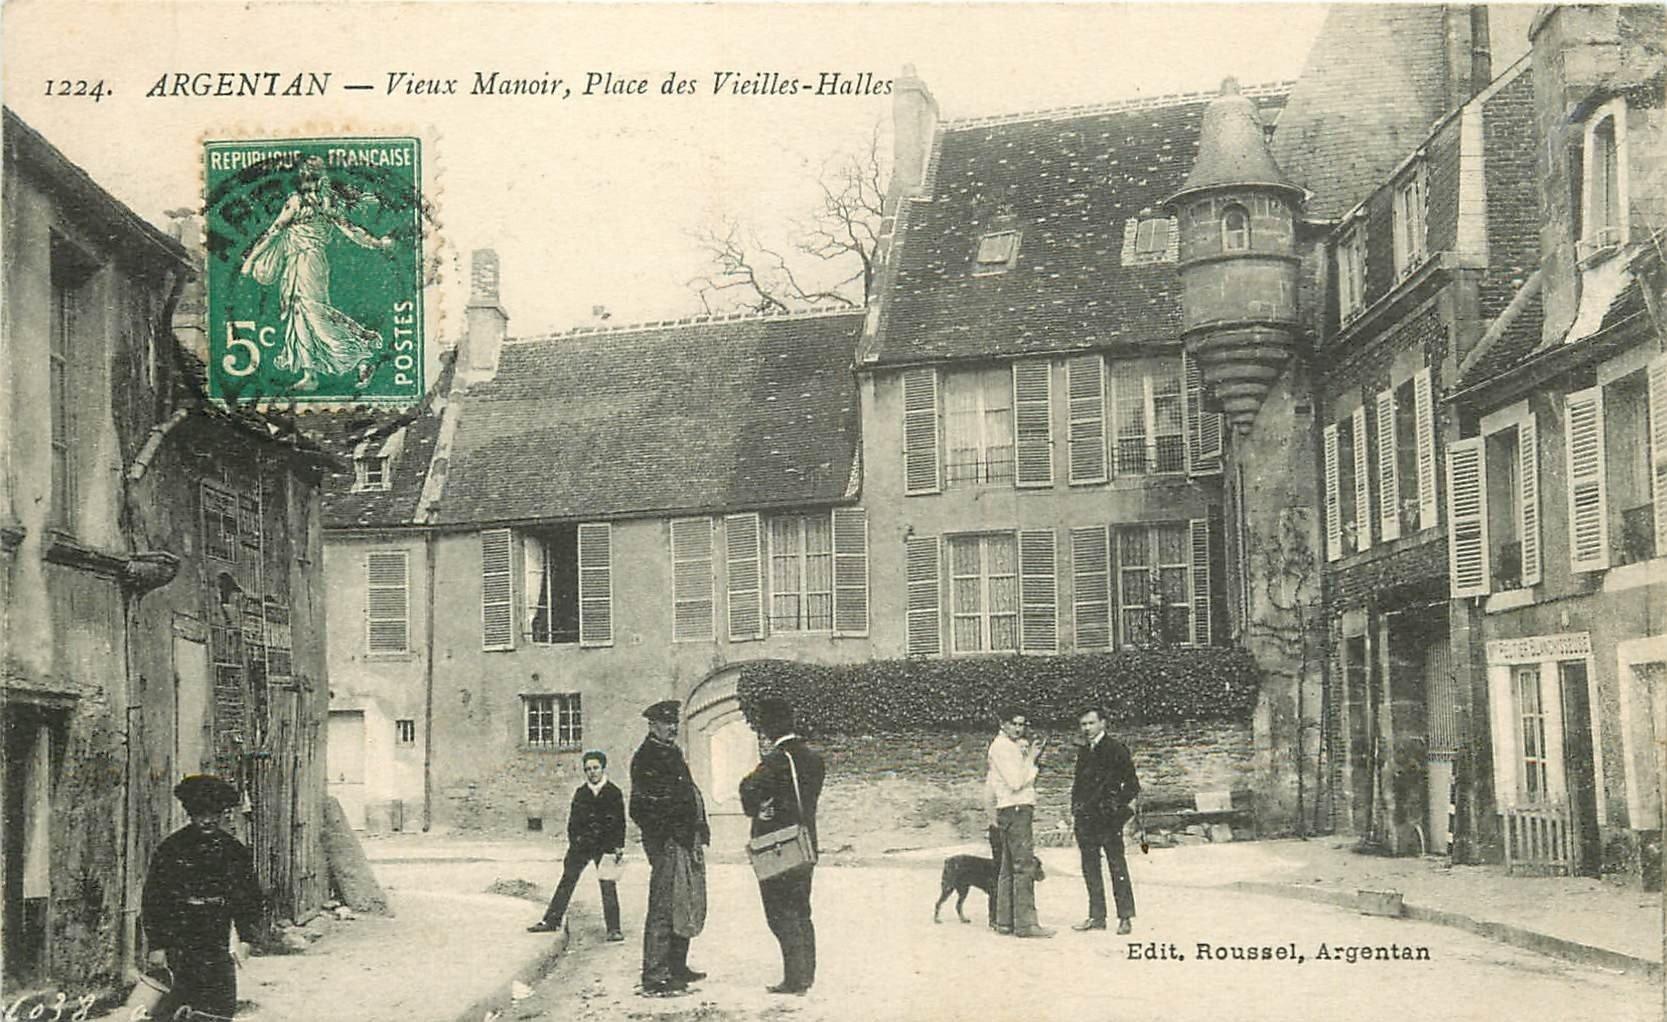 61 ARGENTAN. Vieux Manoir Place des Vieilles Halles 1912